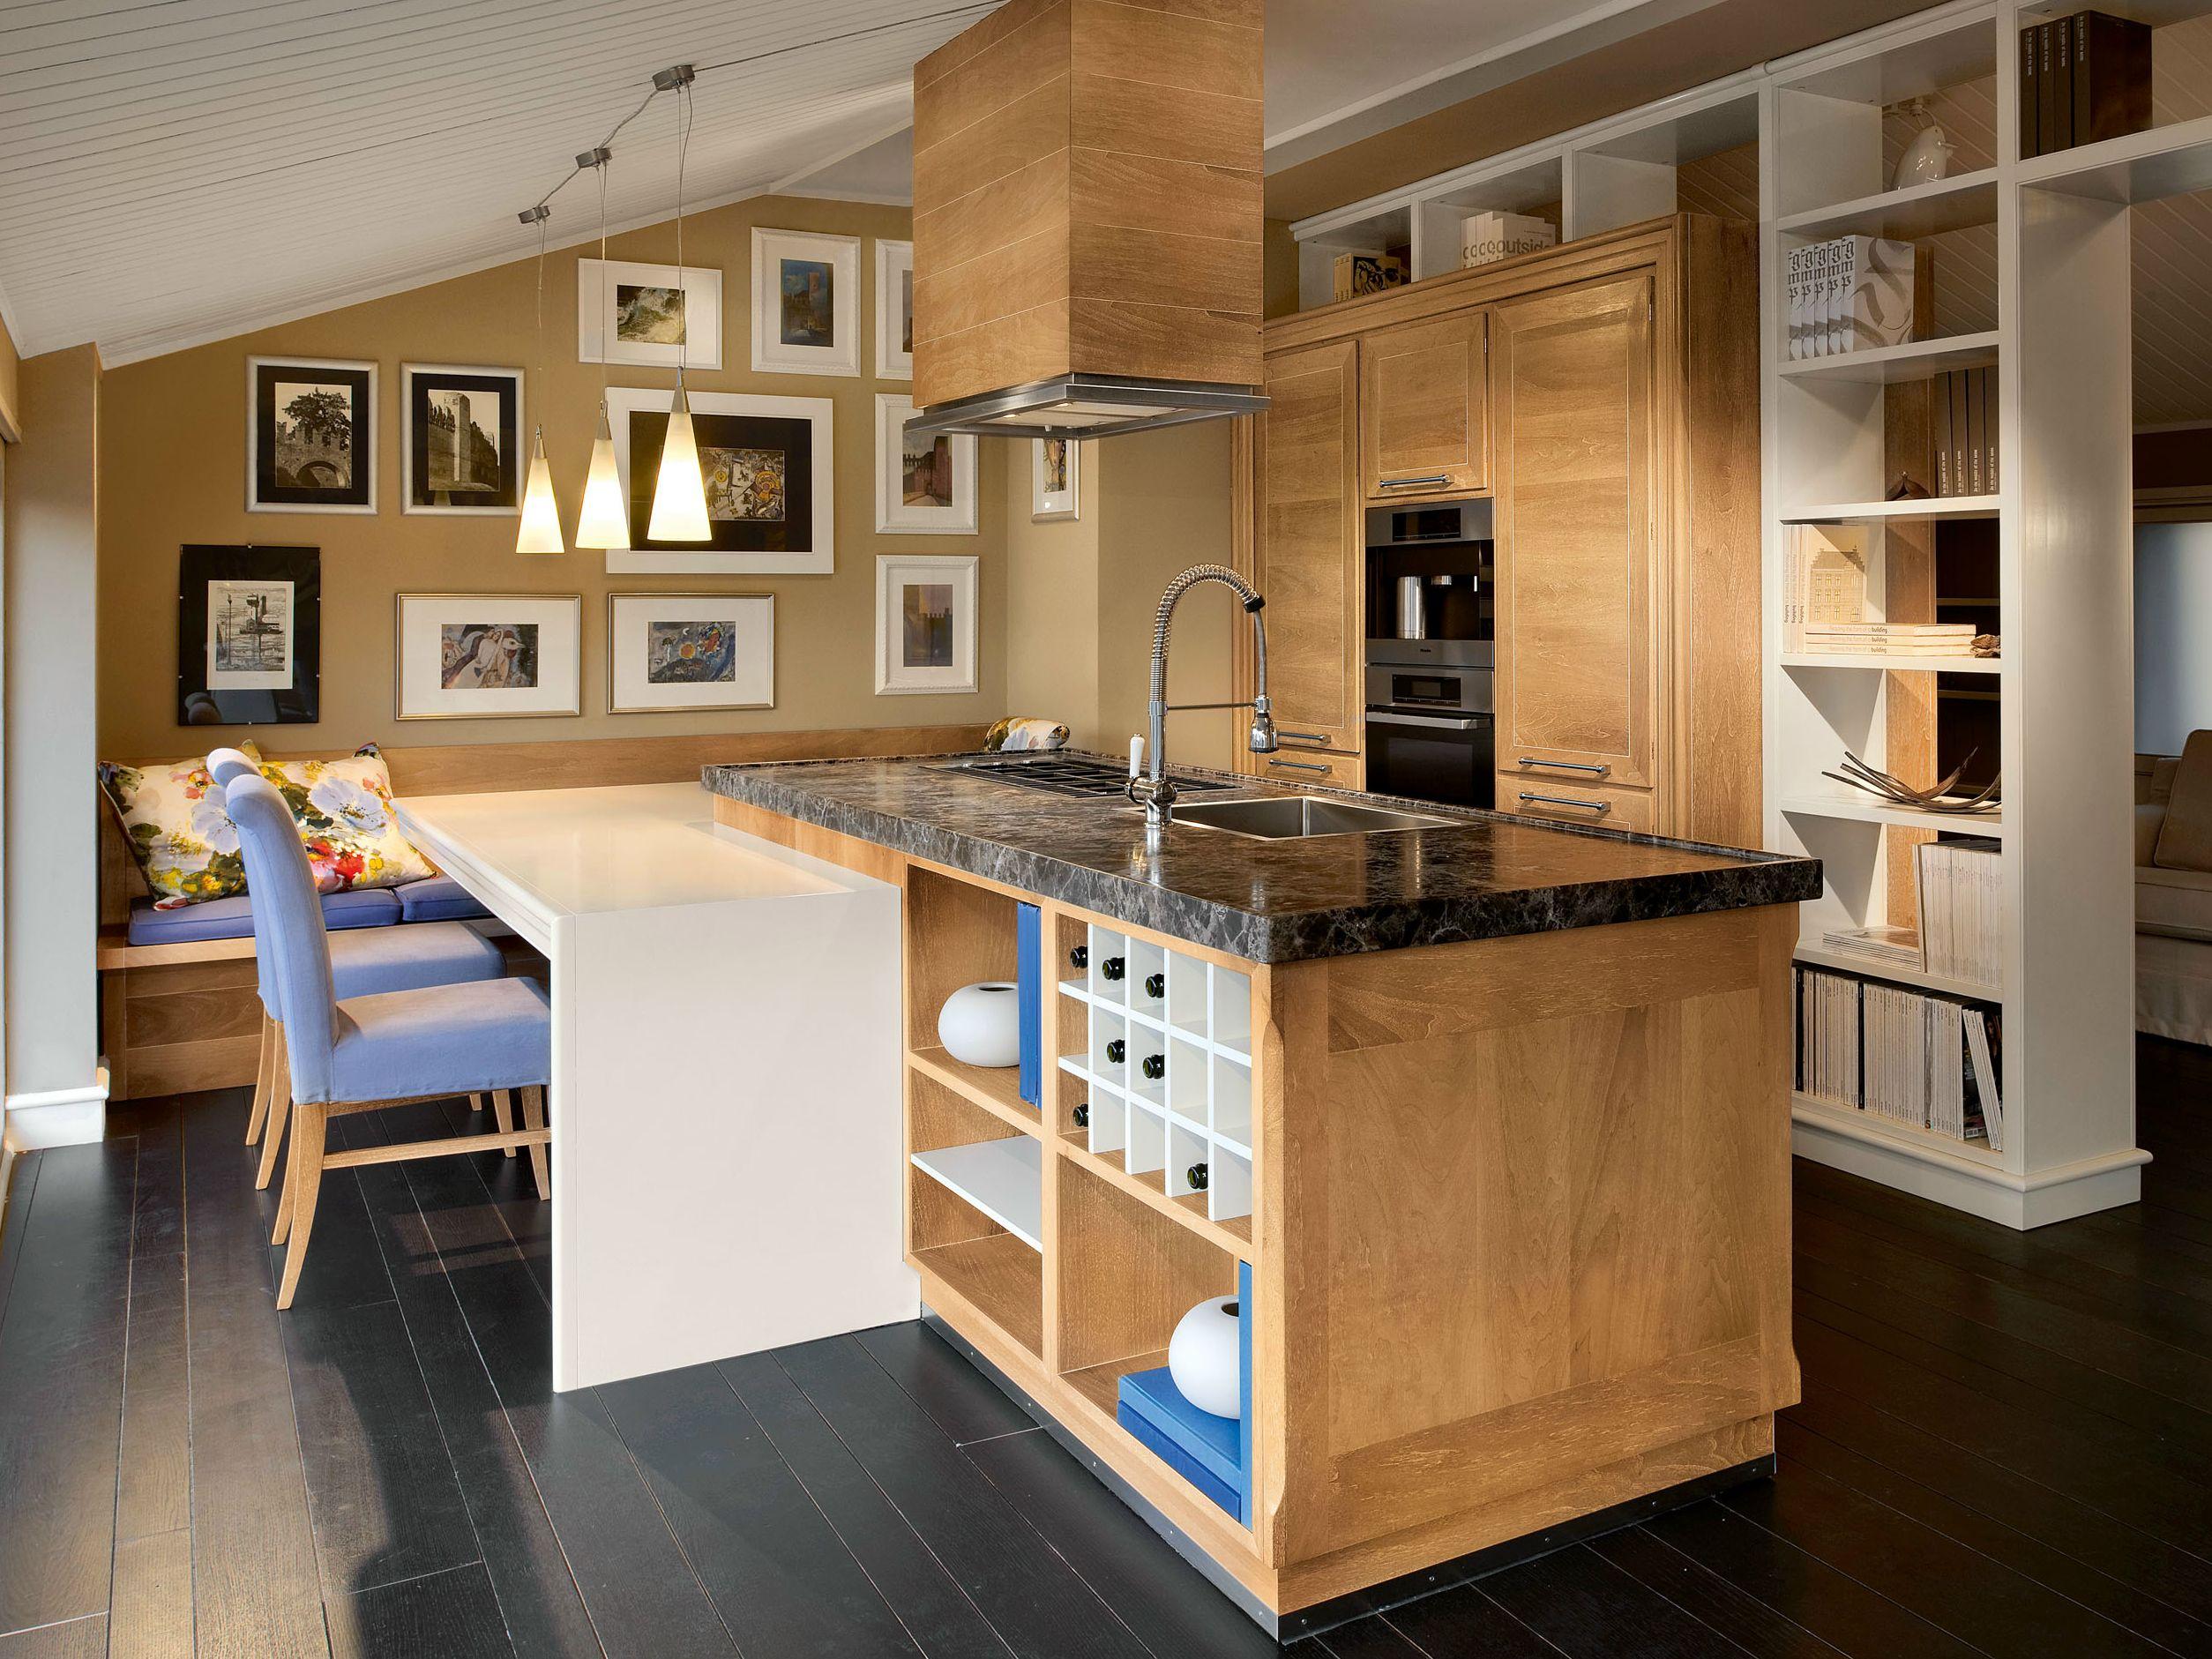 Evita cucina con isola by l 39 ottocento - Cucine con panca ...